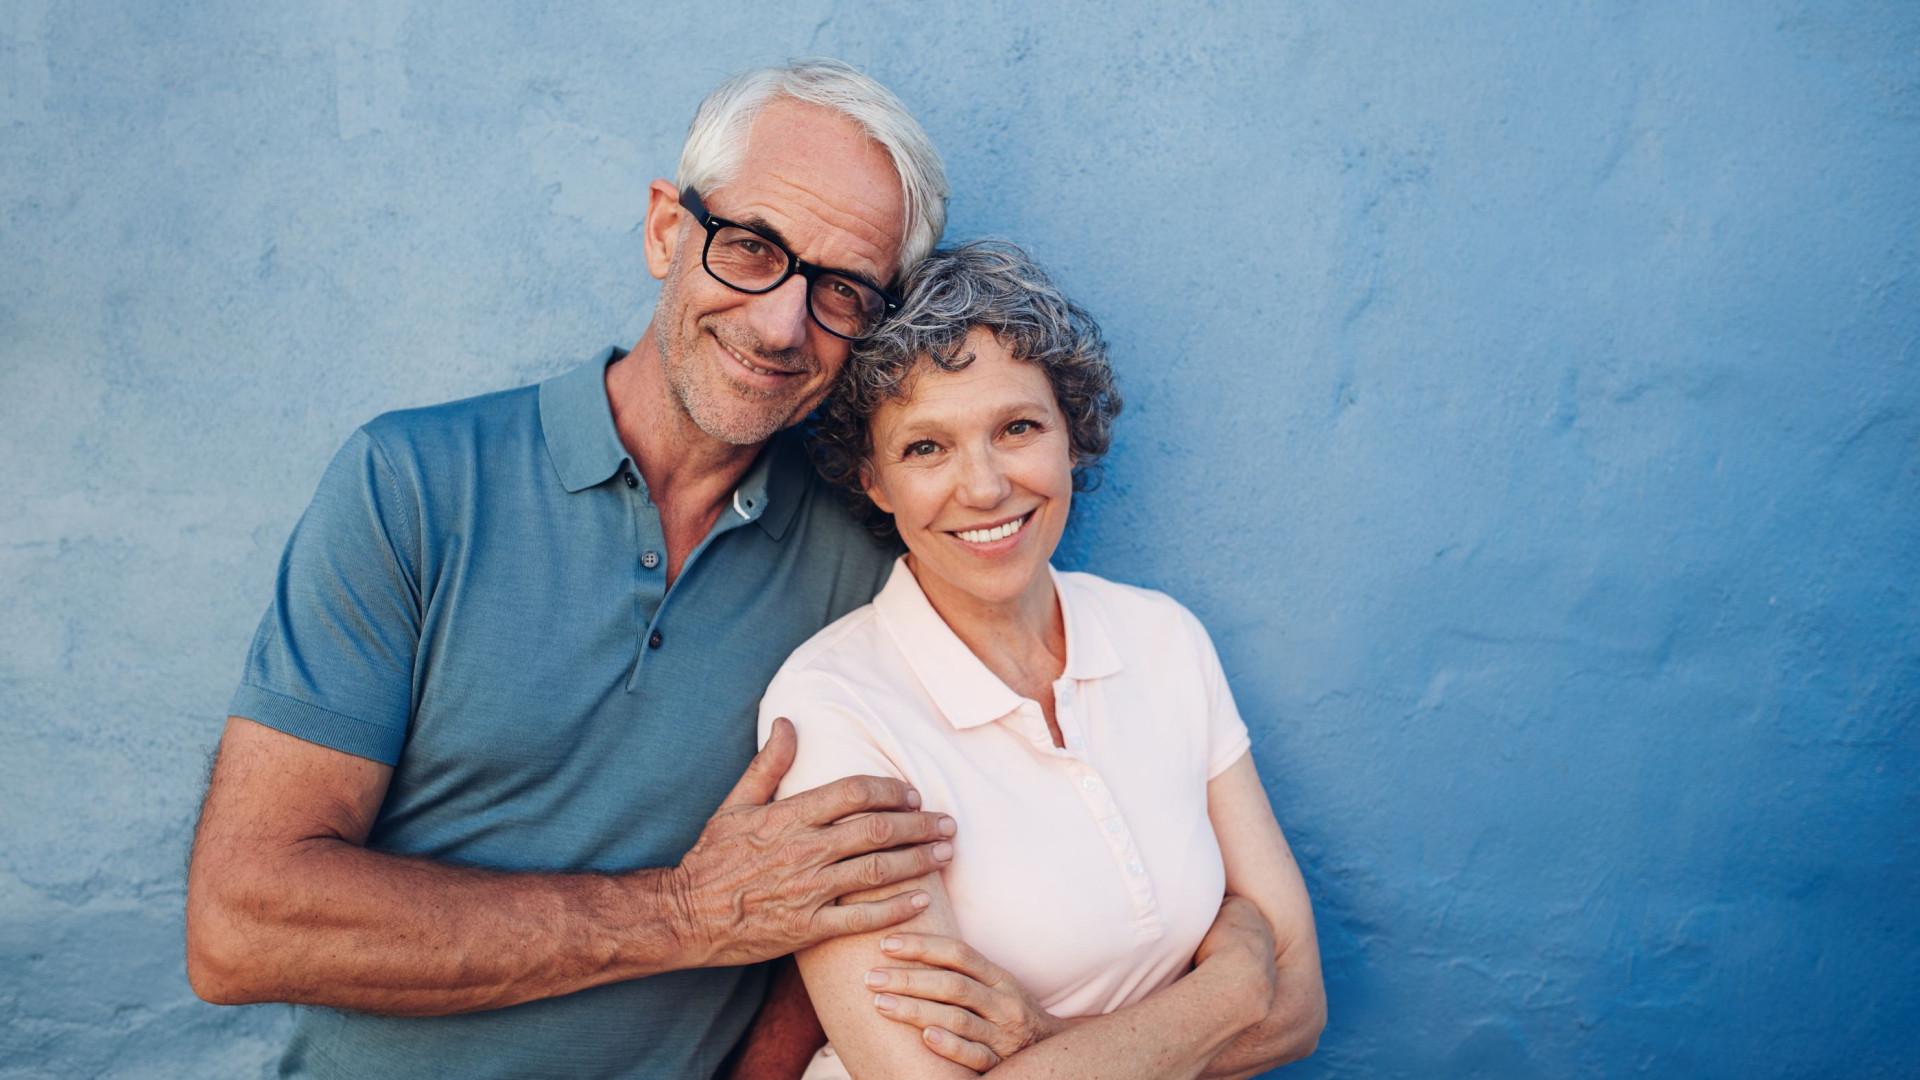 Conheça 7 dicas para viver melhor aos 50 anos